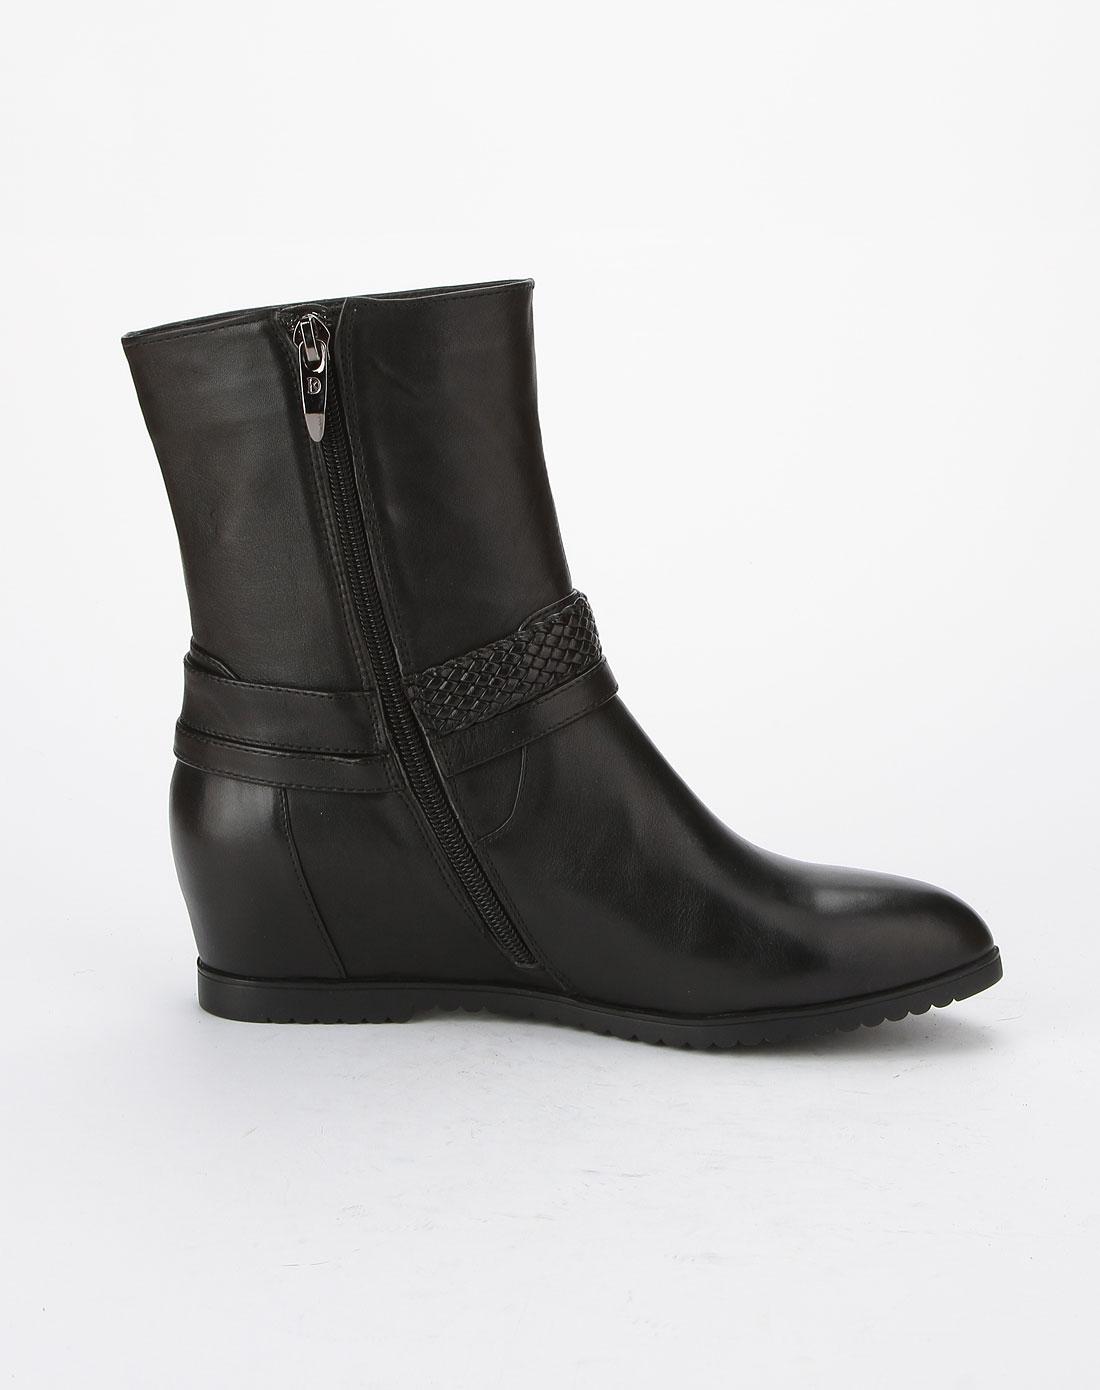 哈森旗下品牌女鞋卡迪娜女款黑色拉链时尚中跟短靴图片